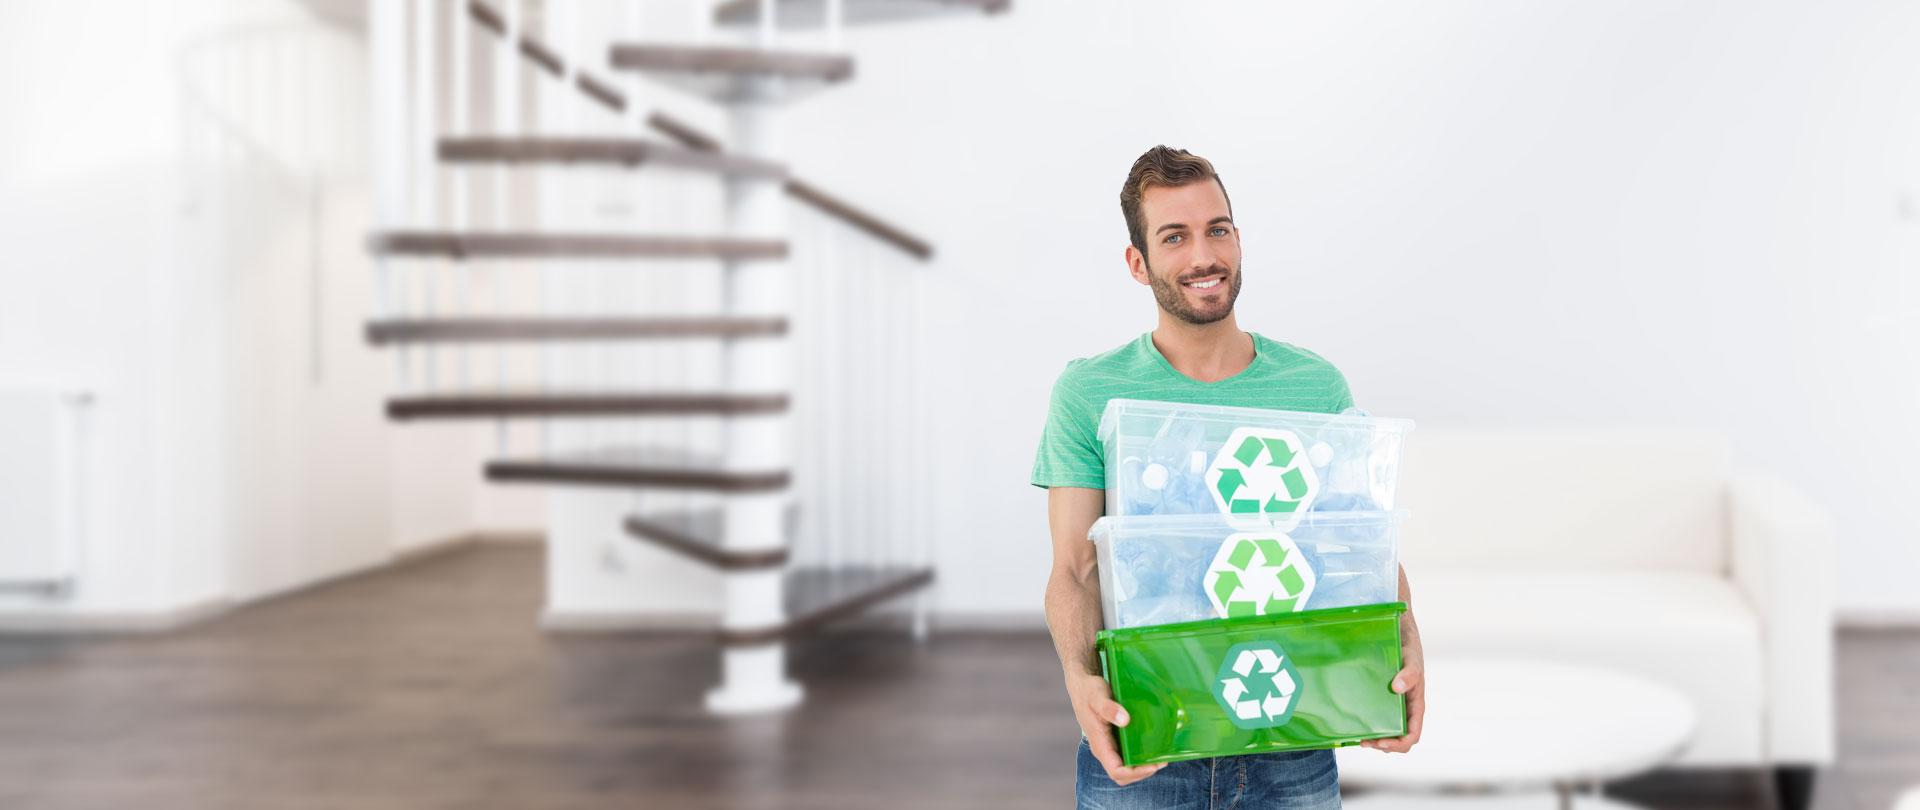 Getting rid of junk?